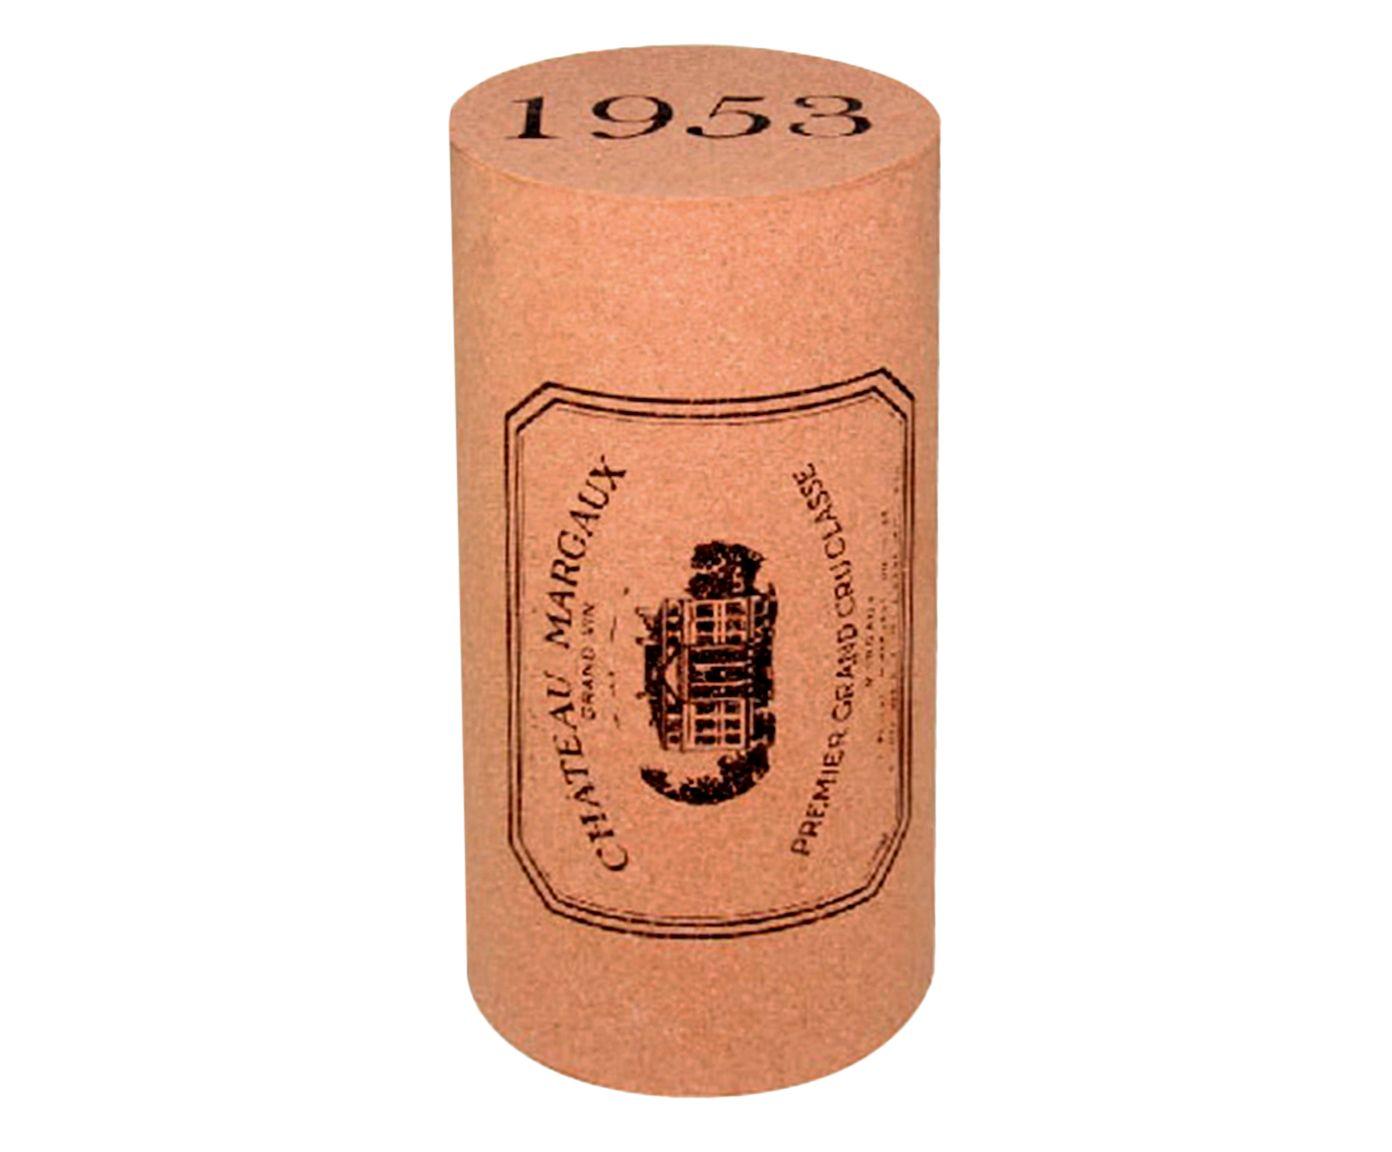 Banqueta Rolha 1953 - 60X29cm   Westwing.com.br